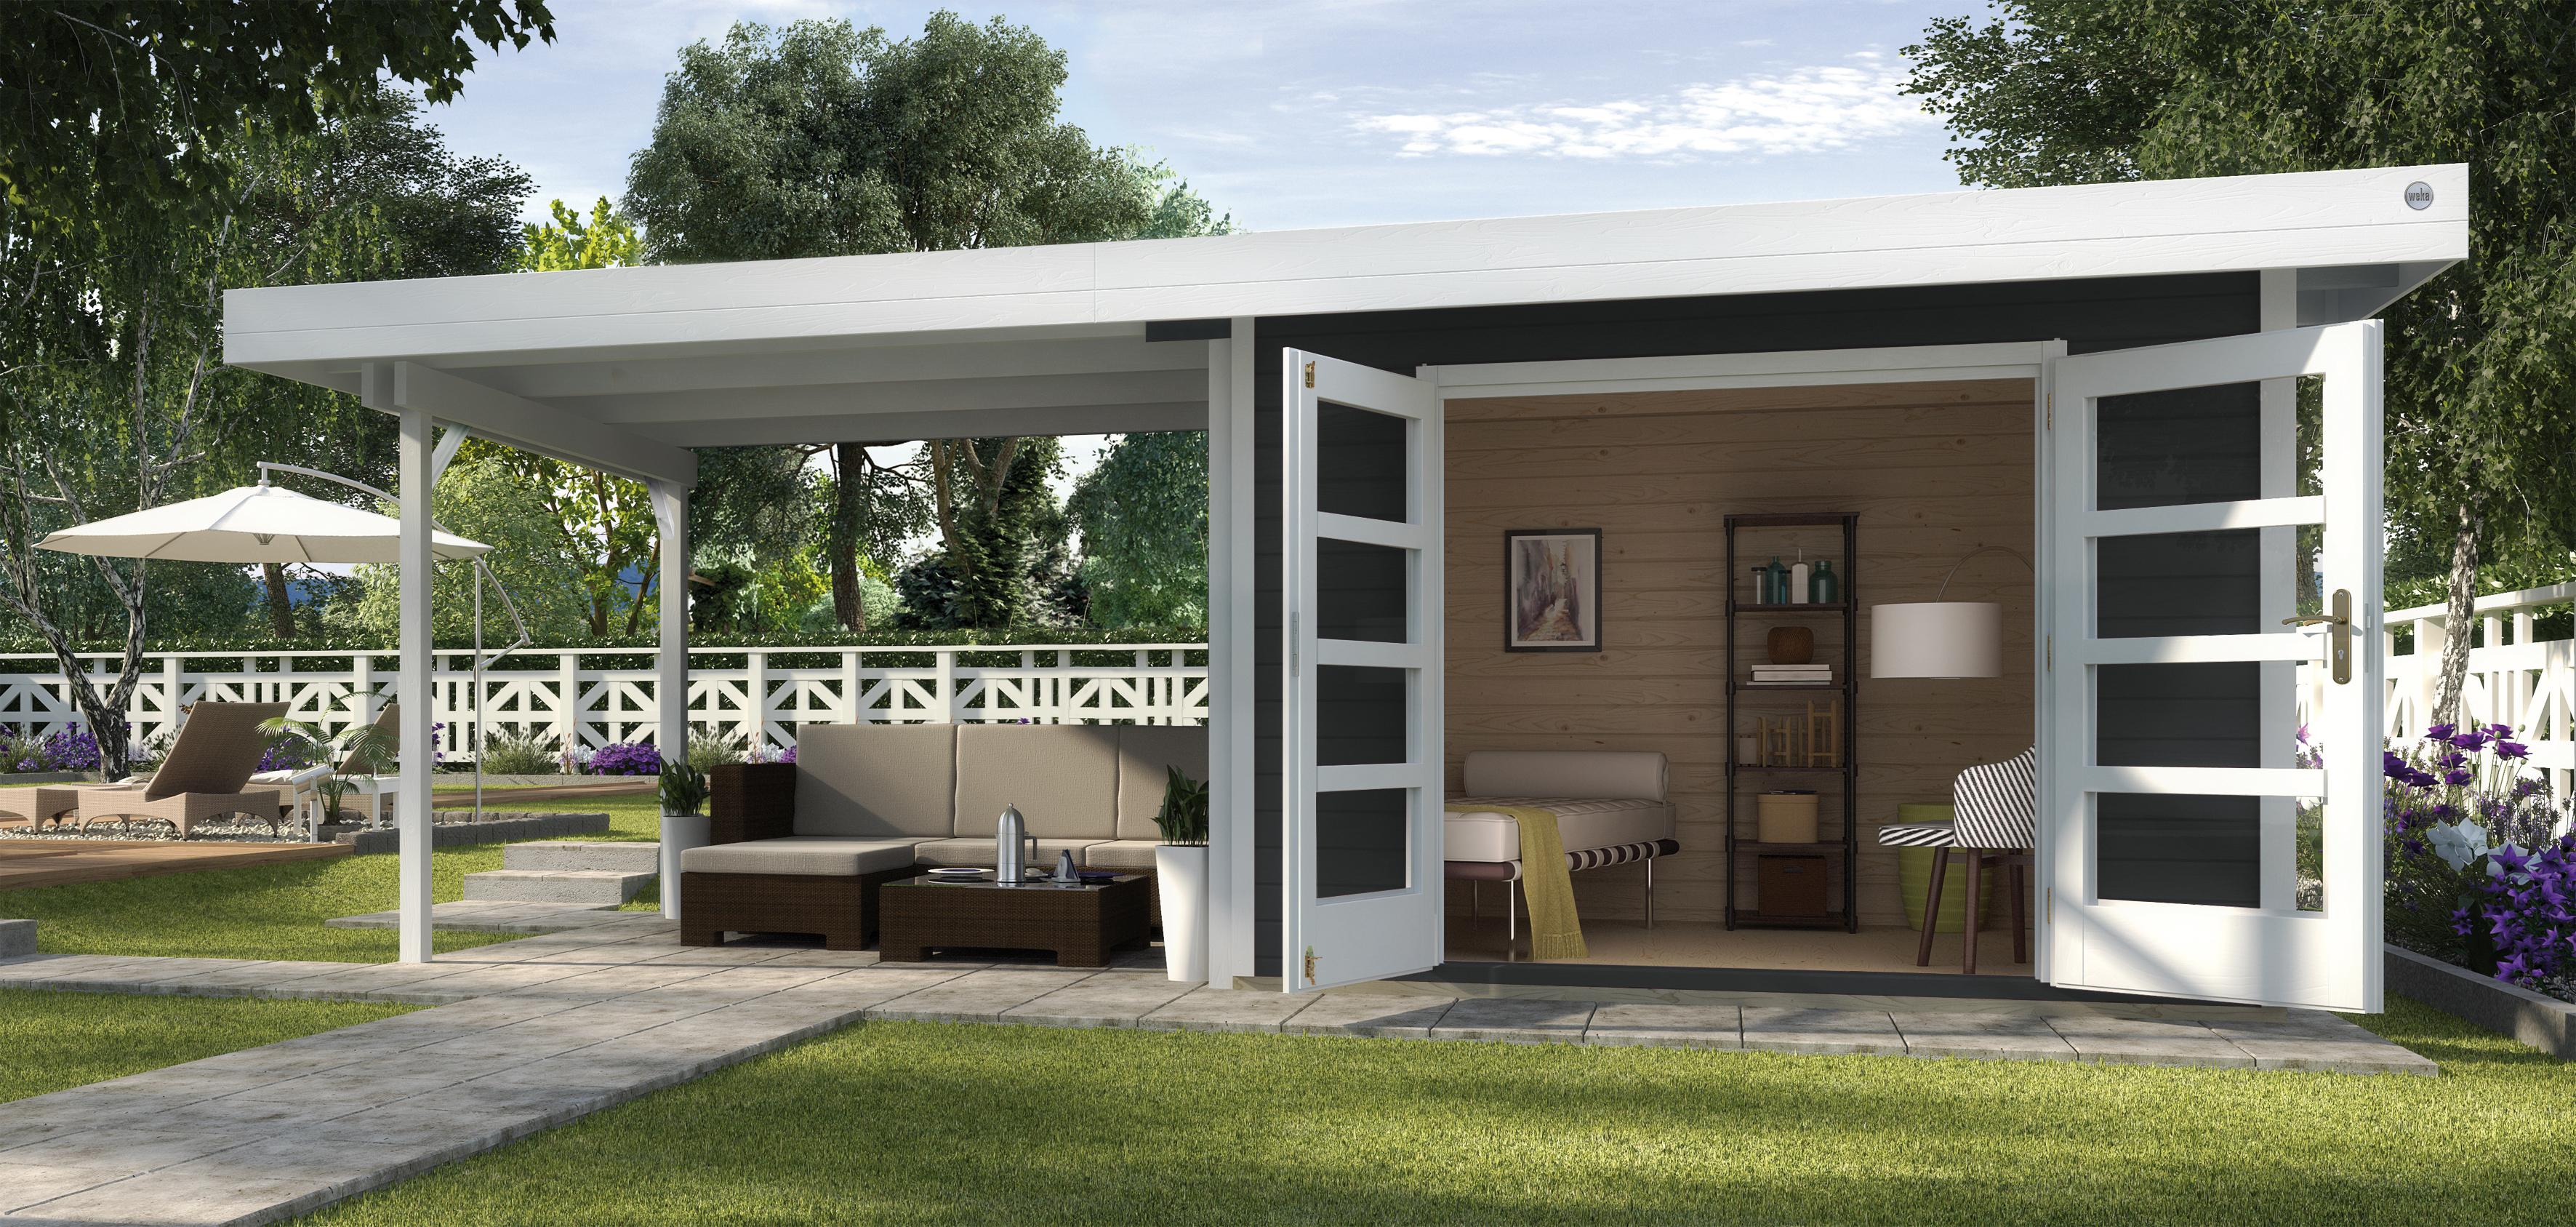 Abri De Jardin Design Toit Plat Avec Auvent - Abri Bois De 10 À 15 M² Nea  Concept serapportantà Abri Jardin Design